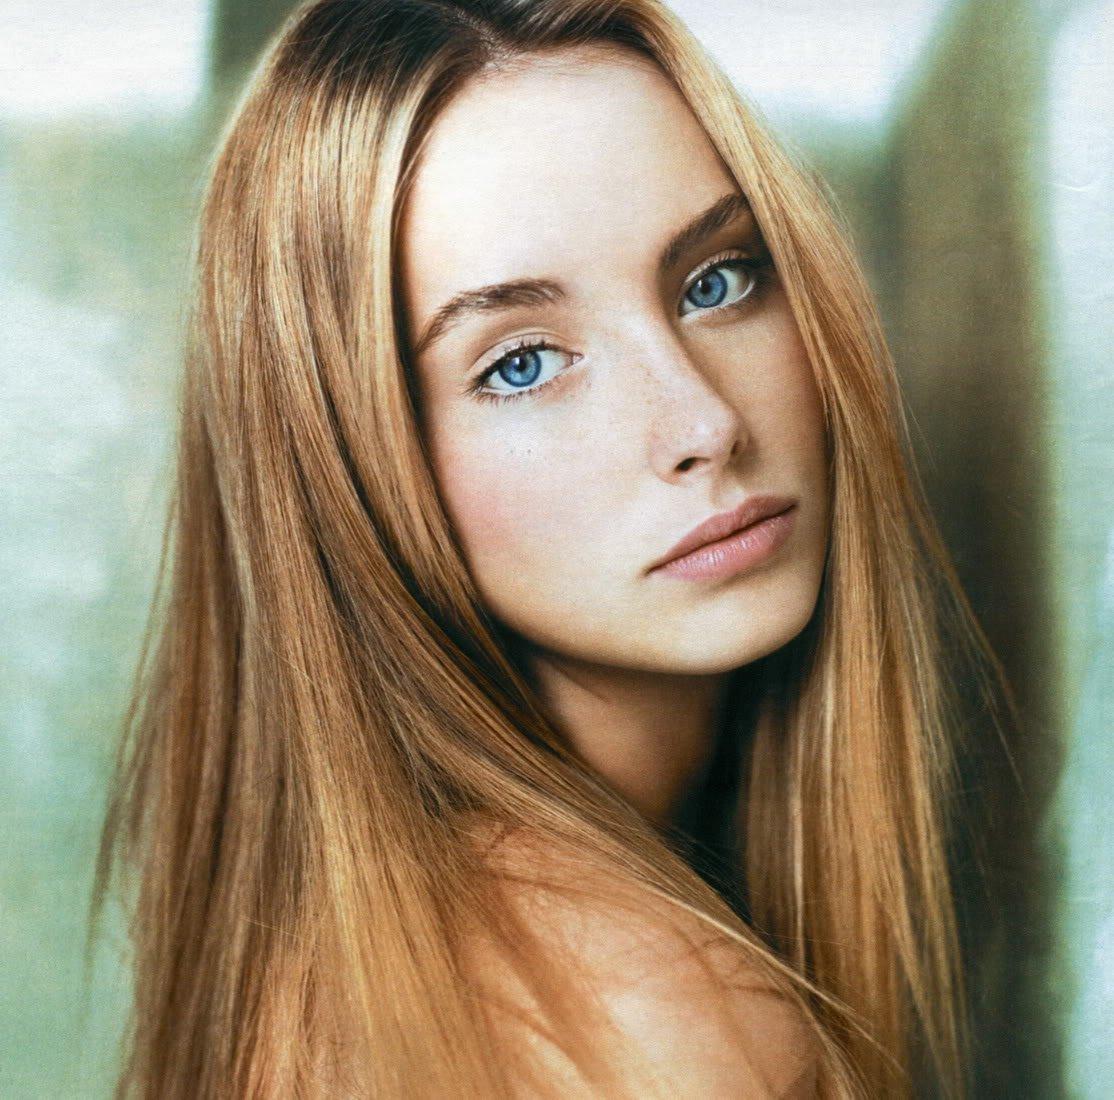 piękne dziewczyny #35 24